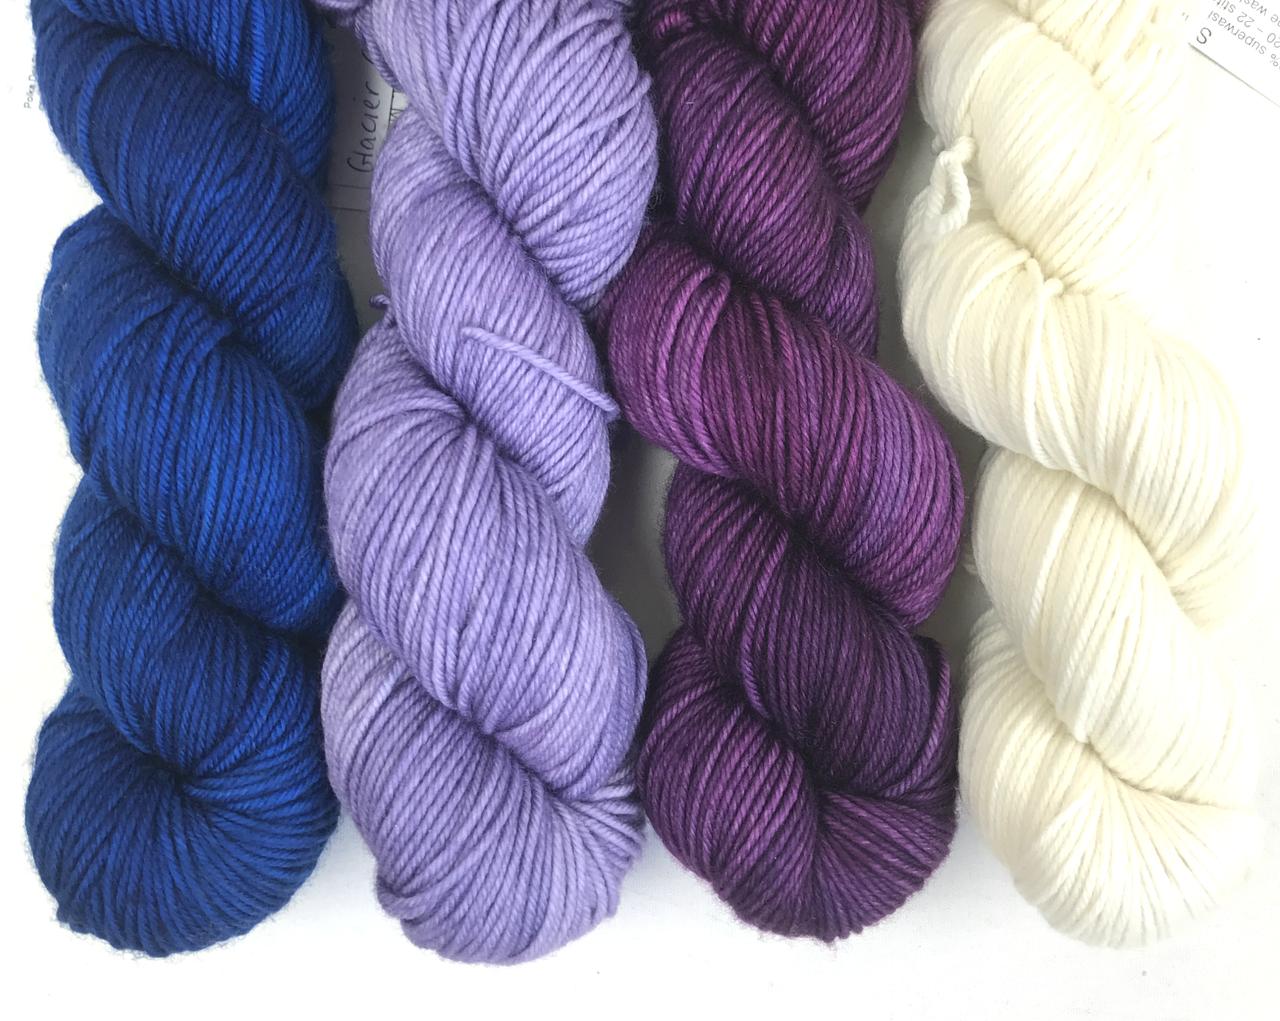 ALPENGLOW HAT KIT (knit)